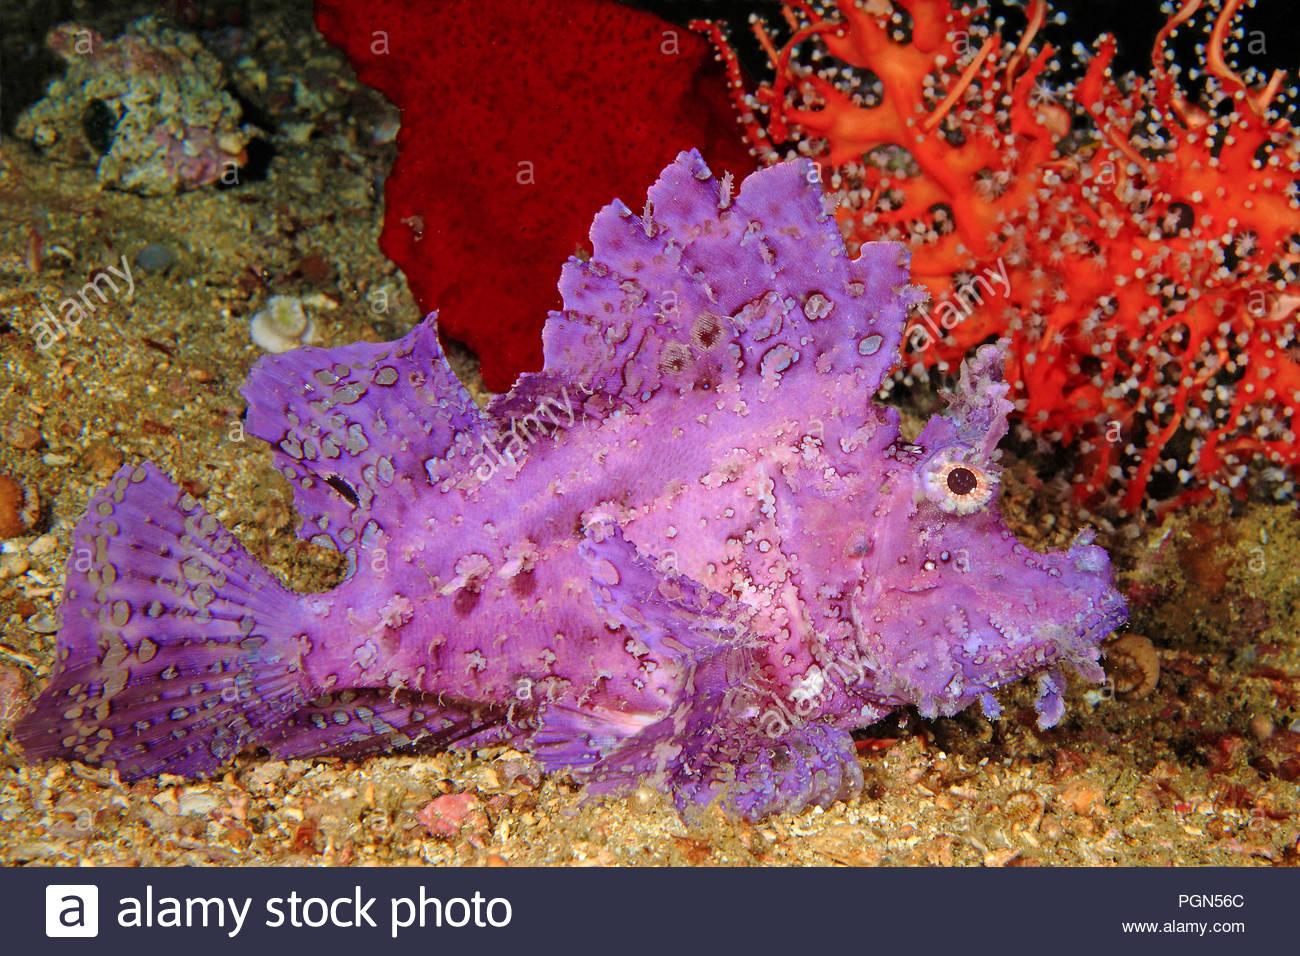 Weedy Scorpionfish or Popeyed scorpionfish (Rhinopias frondosa), poisonous, Sabang Beach, Puerto Galera, Mindoro island, Philippines - Stock Image